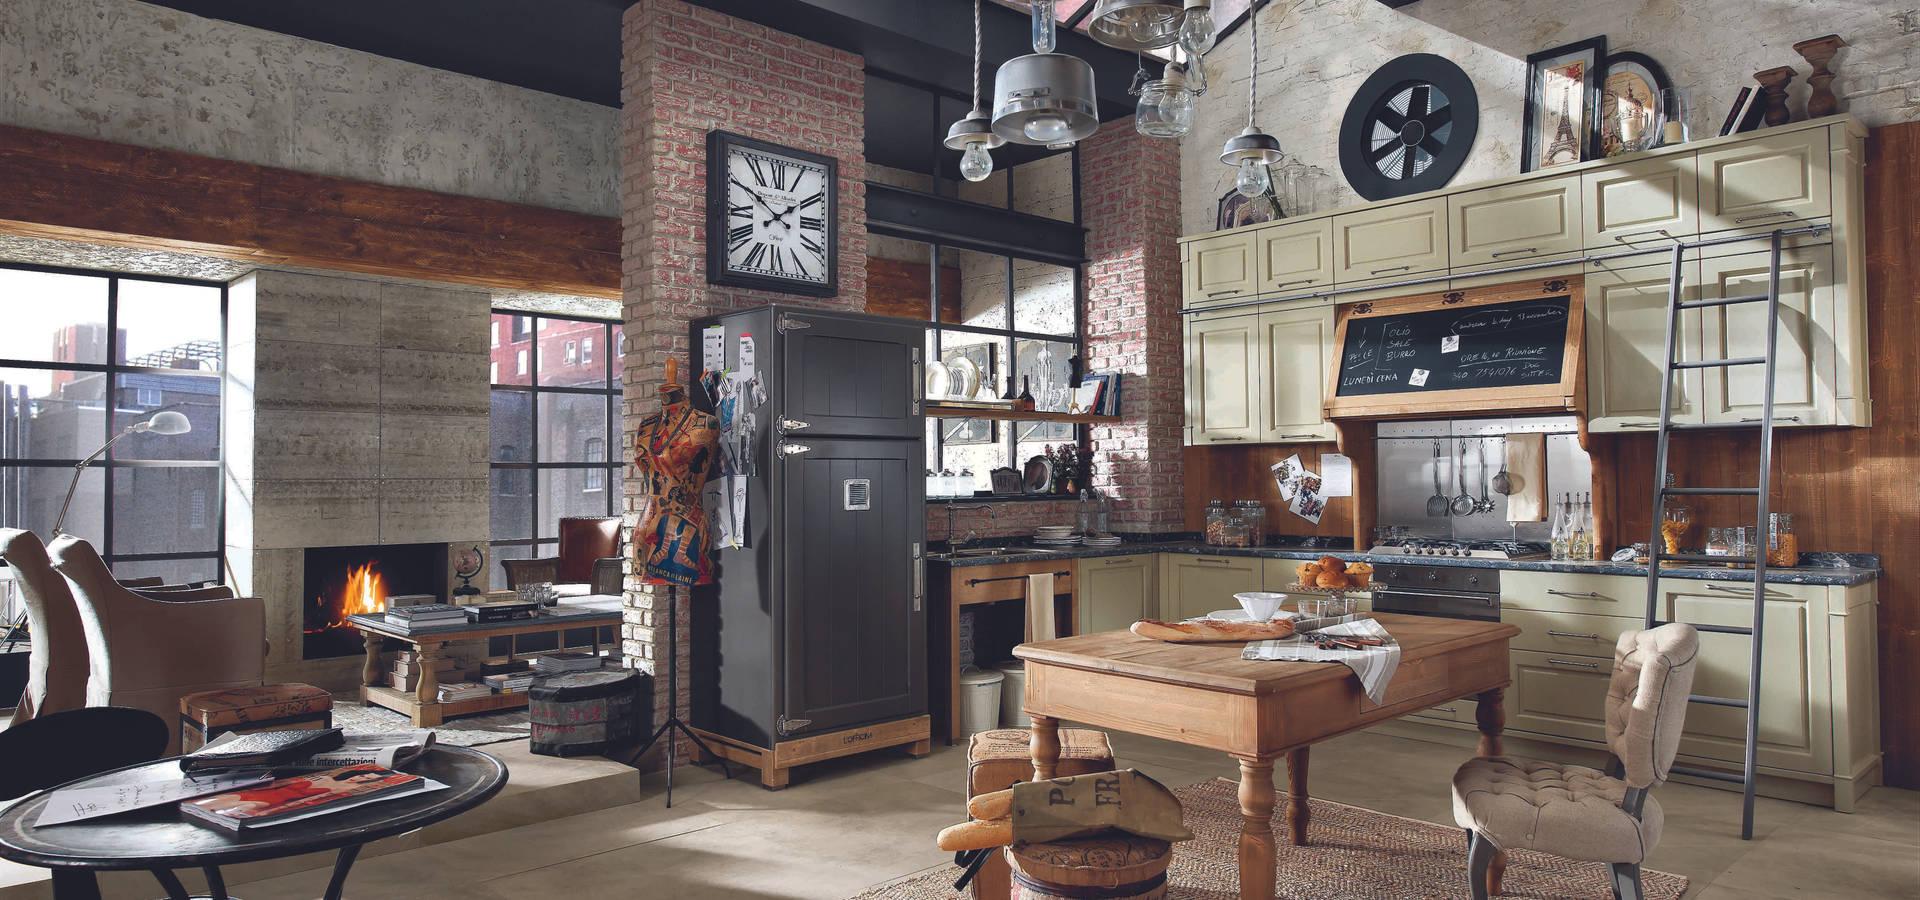 Marchi cucine presenta i modelli loft e nolita di marchi group homify - Marche cucine economiche ...